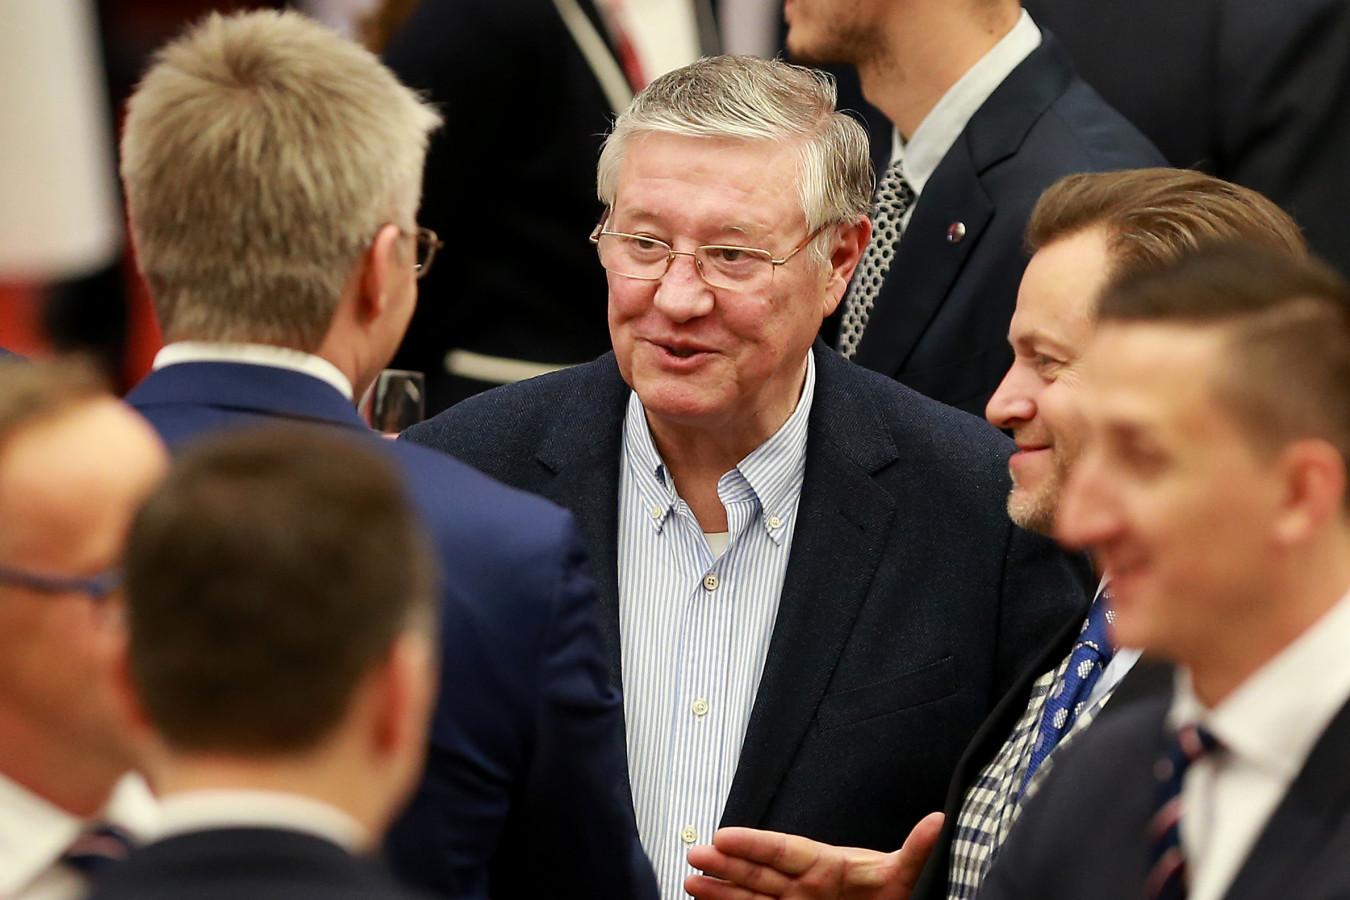 Орлов: даже если Зенит будет совсем плохой, руку помощи из Москвы нам не протянут